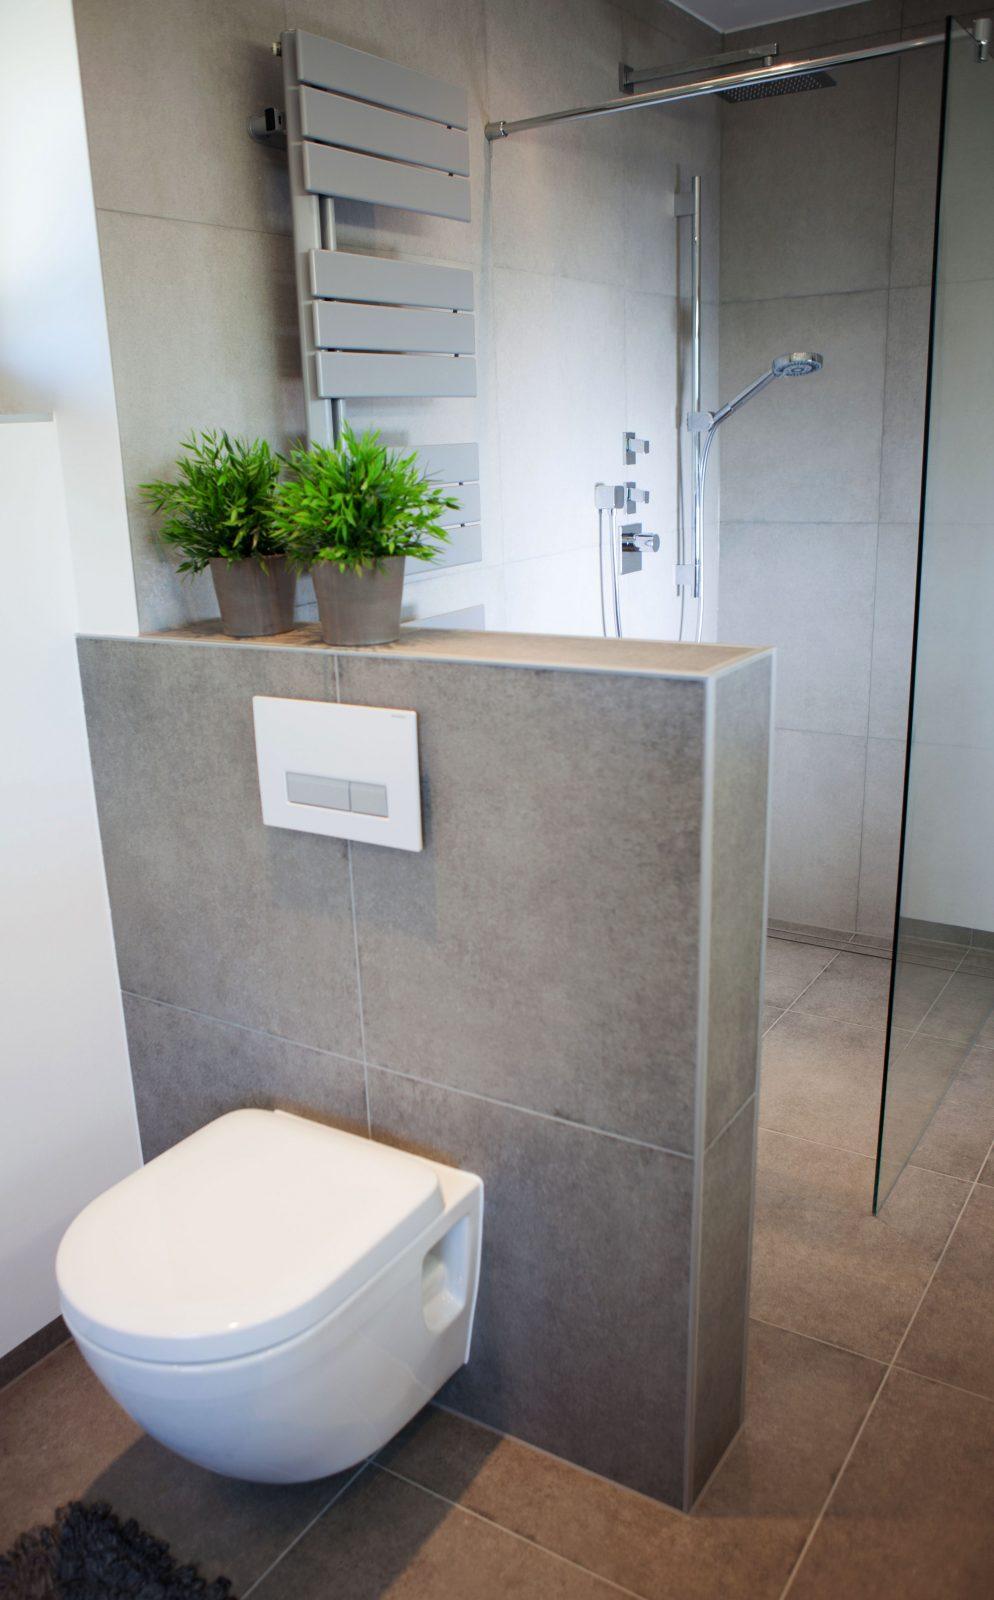 Badezimmer  Fürdőszoba  Badezimmer Badezimmerideen Und Wc von Fliesen Kleines Badezimmer Ideen Photo